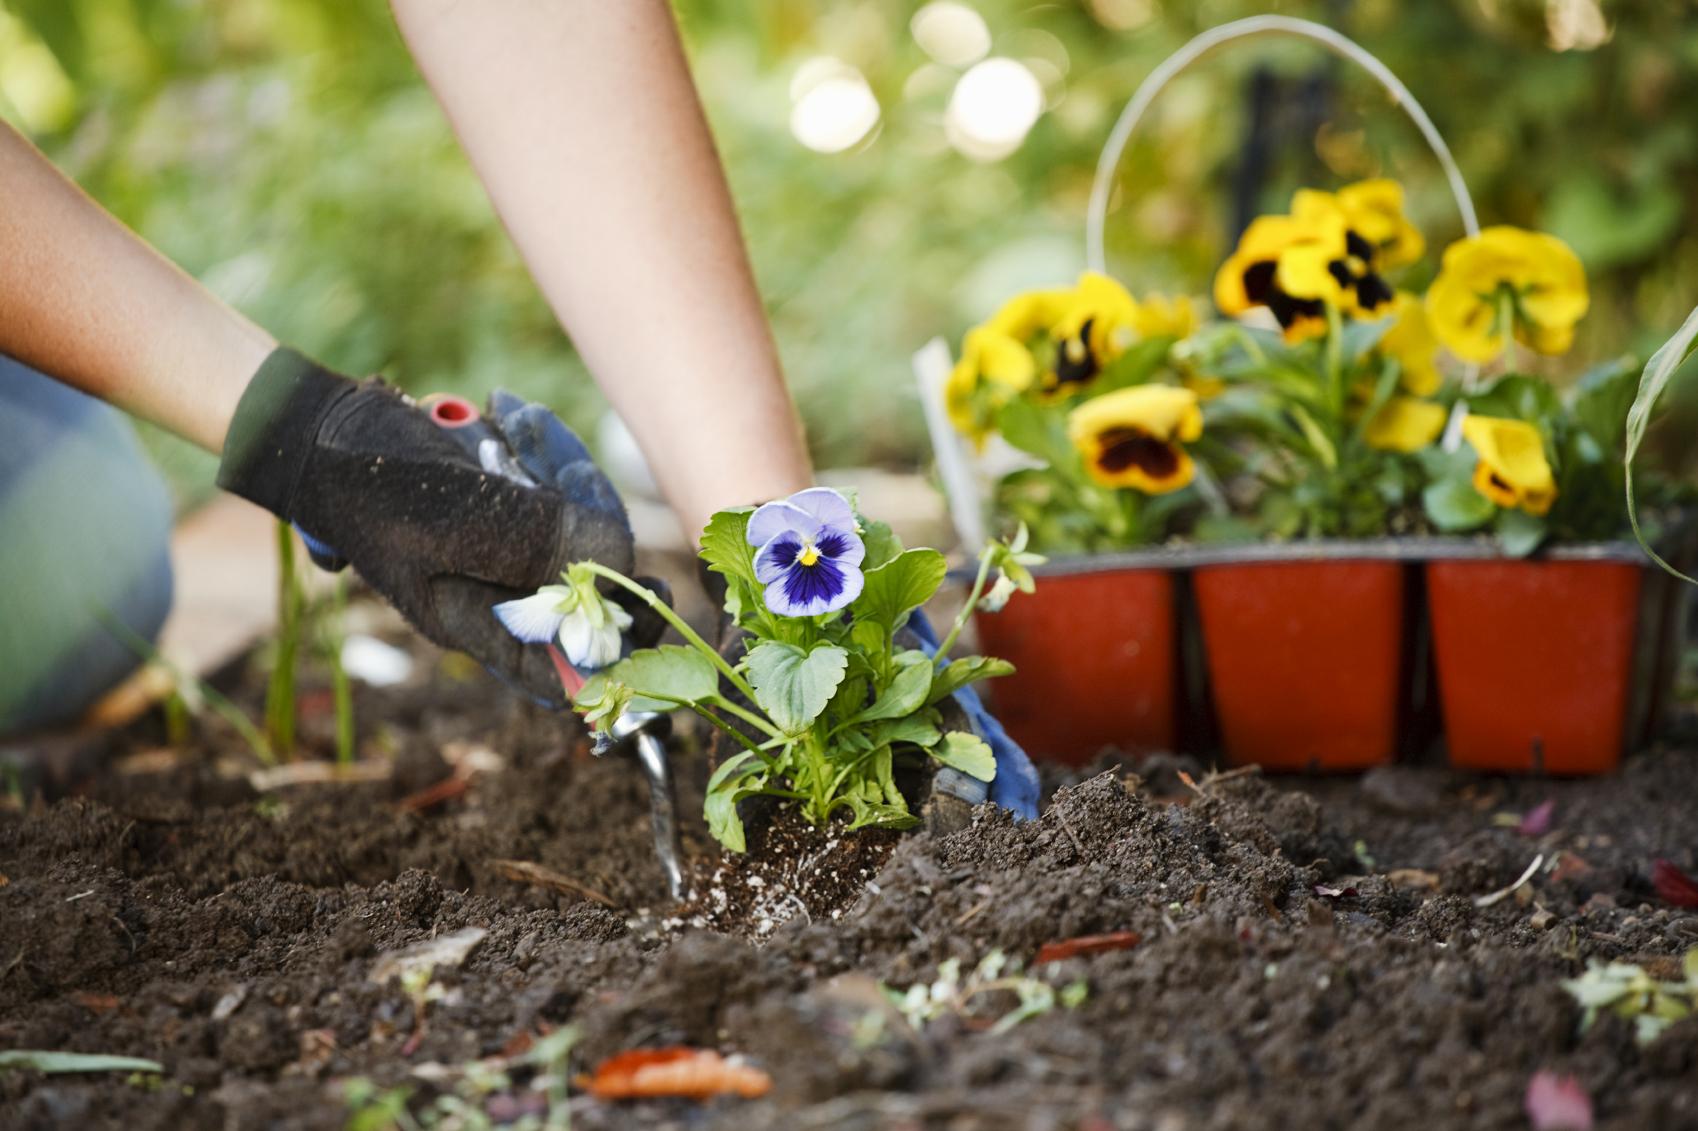 hands planting flowers in garden